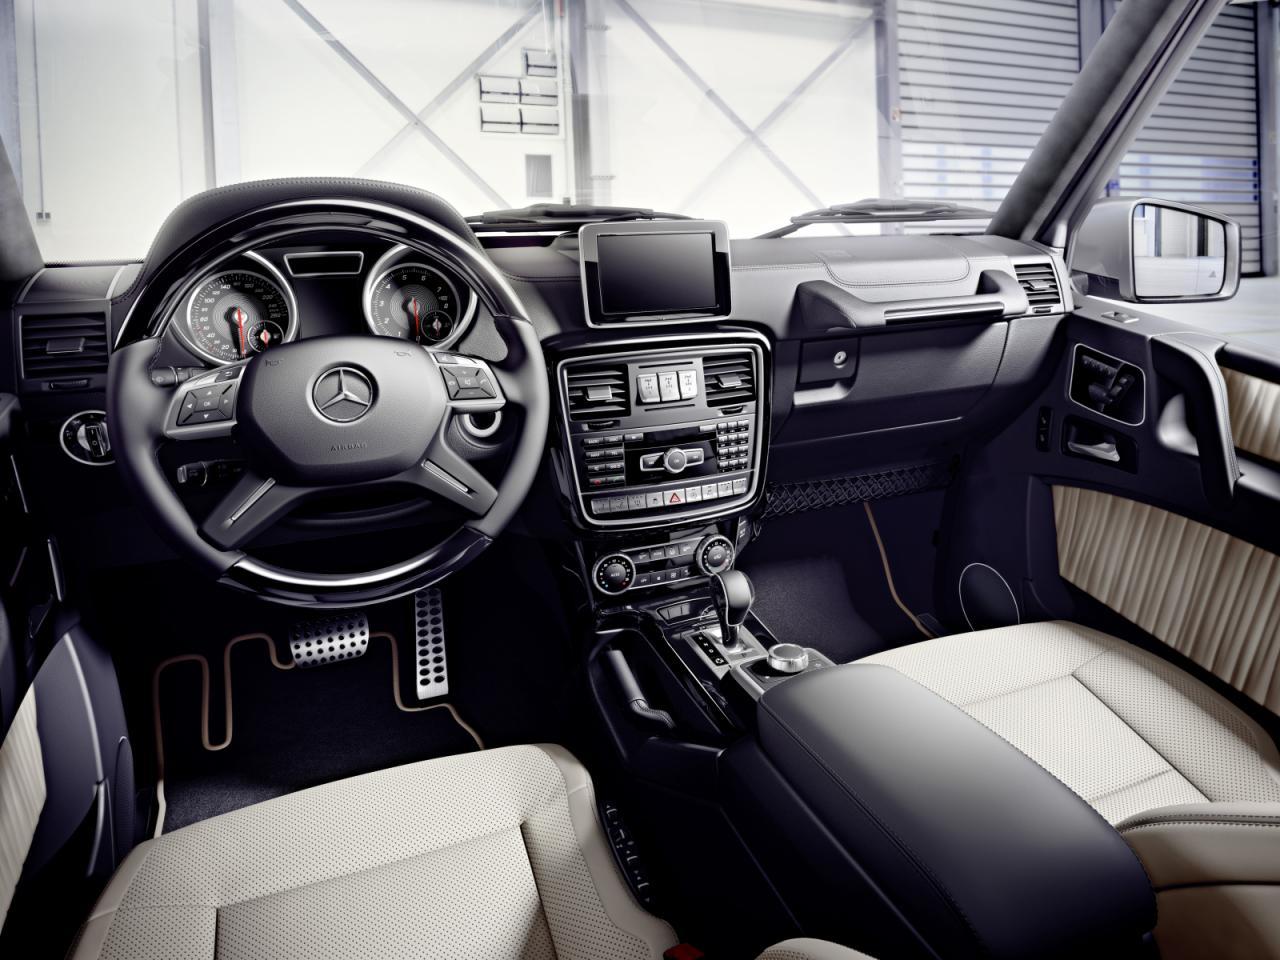 2015 mercedes benz g class facelift announced performancedrive